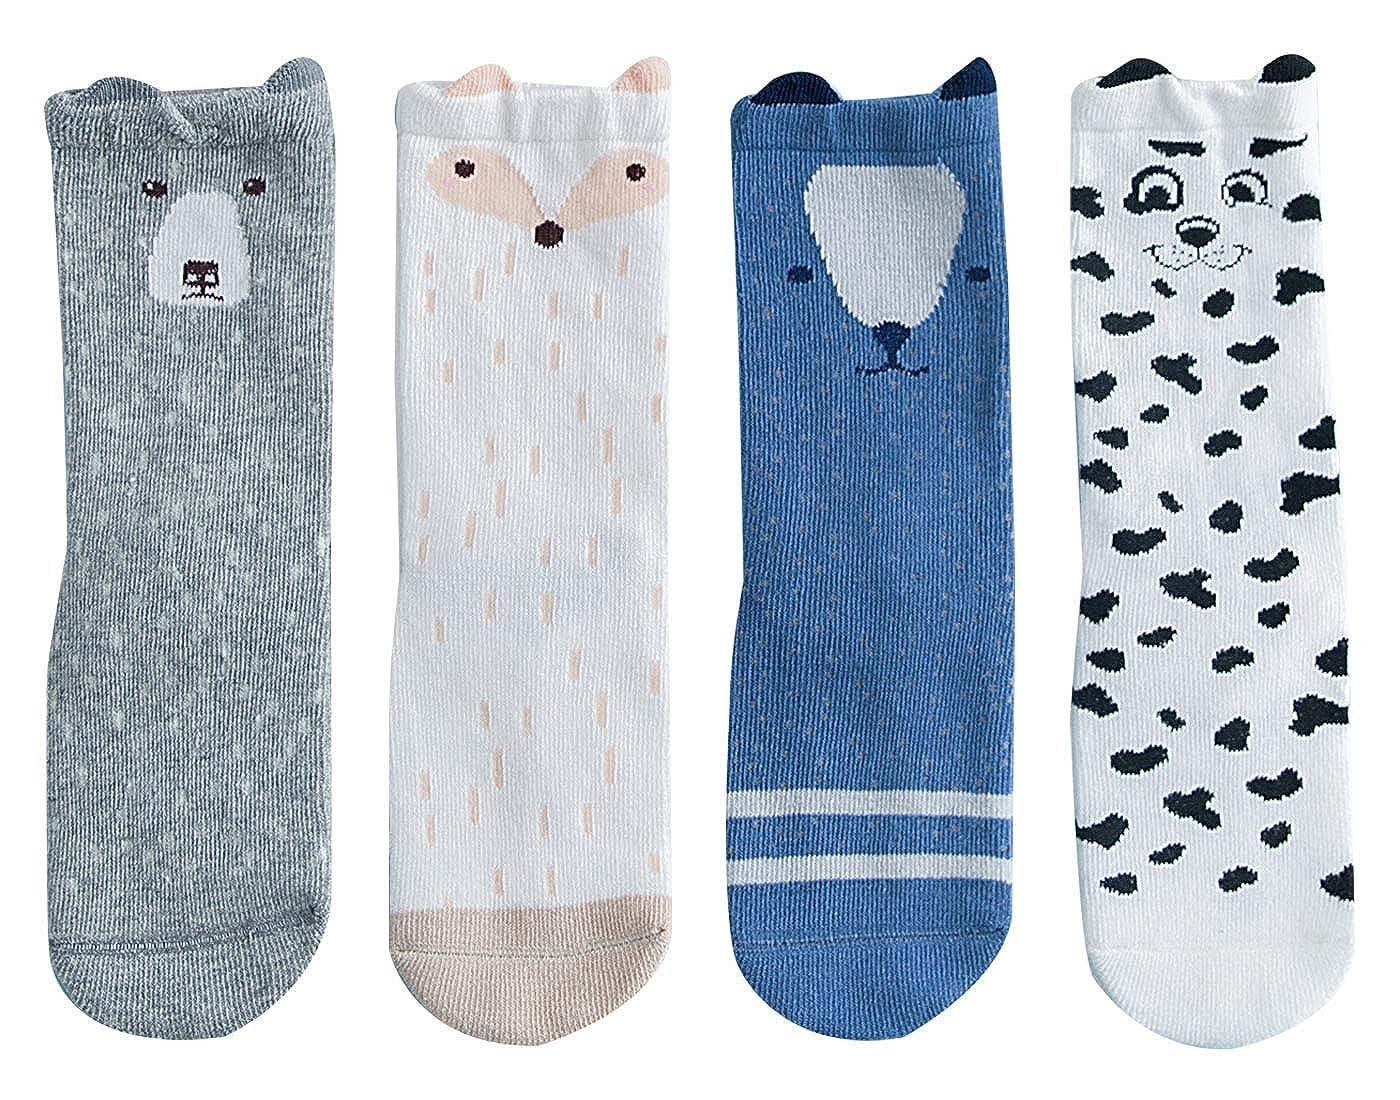 HAPPY CHERRY 4 Paar Baby Jungen M/ädchen Socken Set Atmungsaktiv Baumwolle Kindersocken Elastische Babysocken Lieblich Cartoon Str/ümpfe 1-5 Jahren